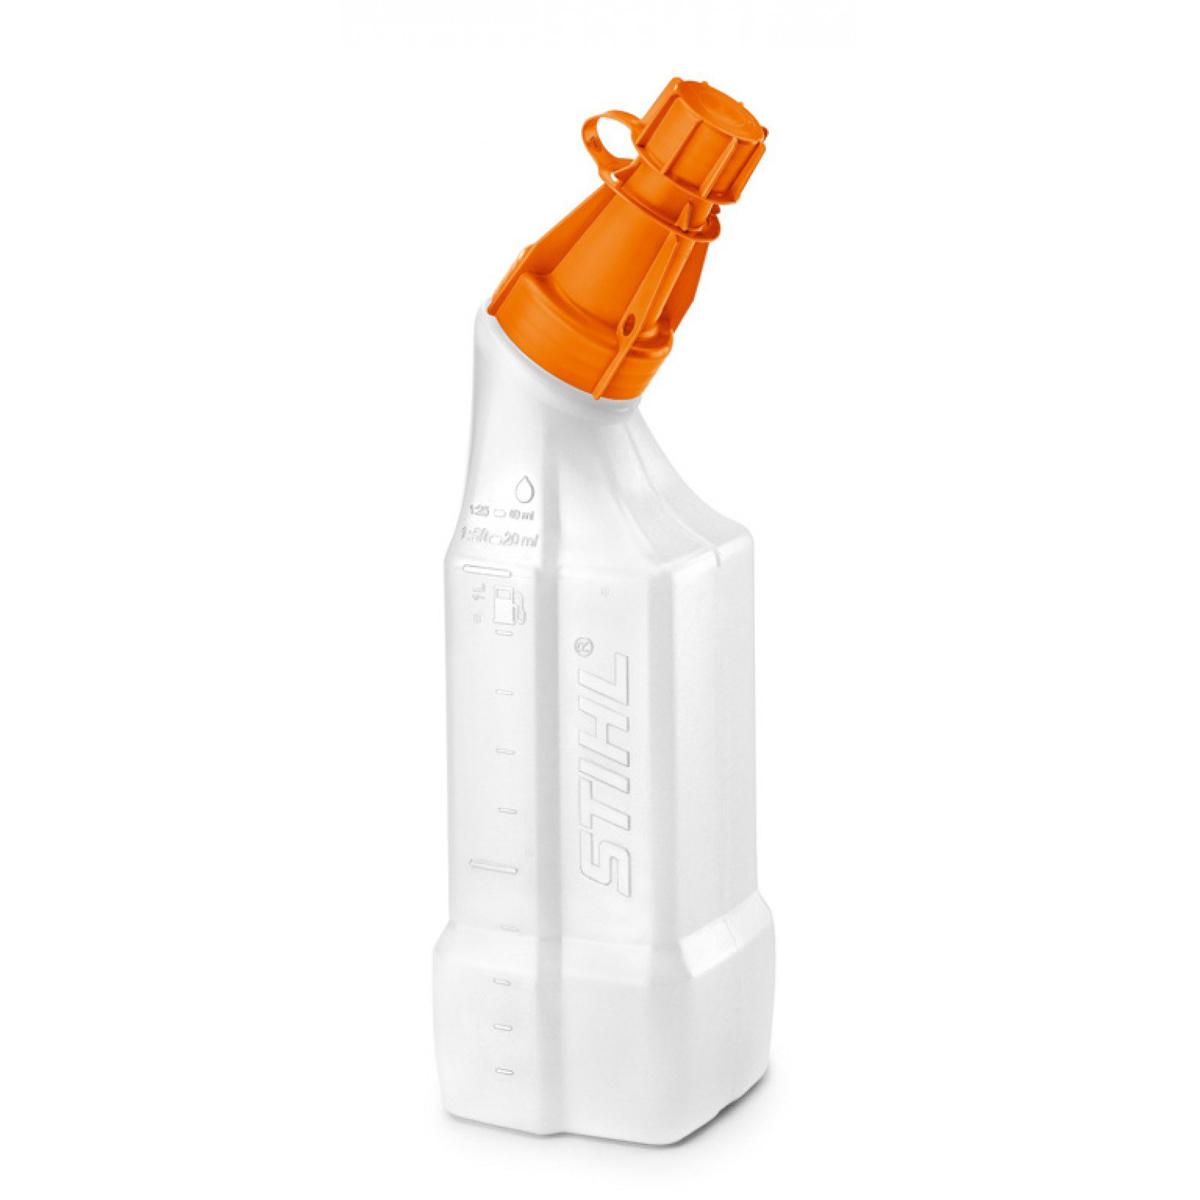 STIHL degalų maišymo buteliukas